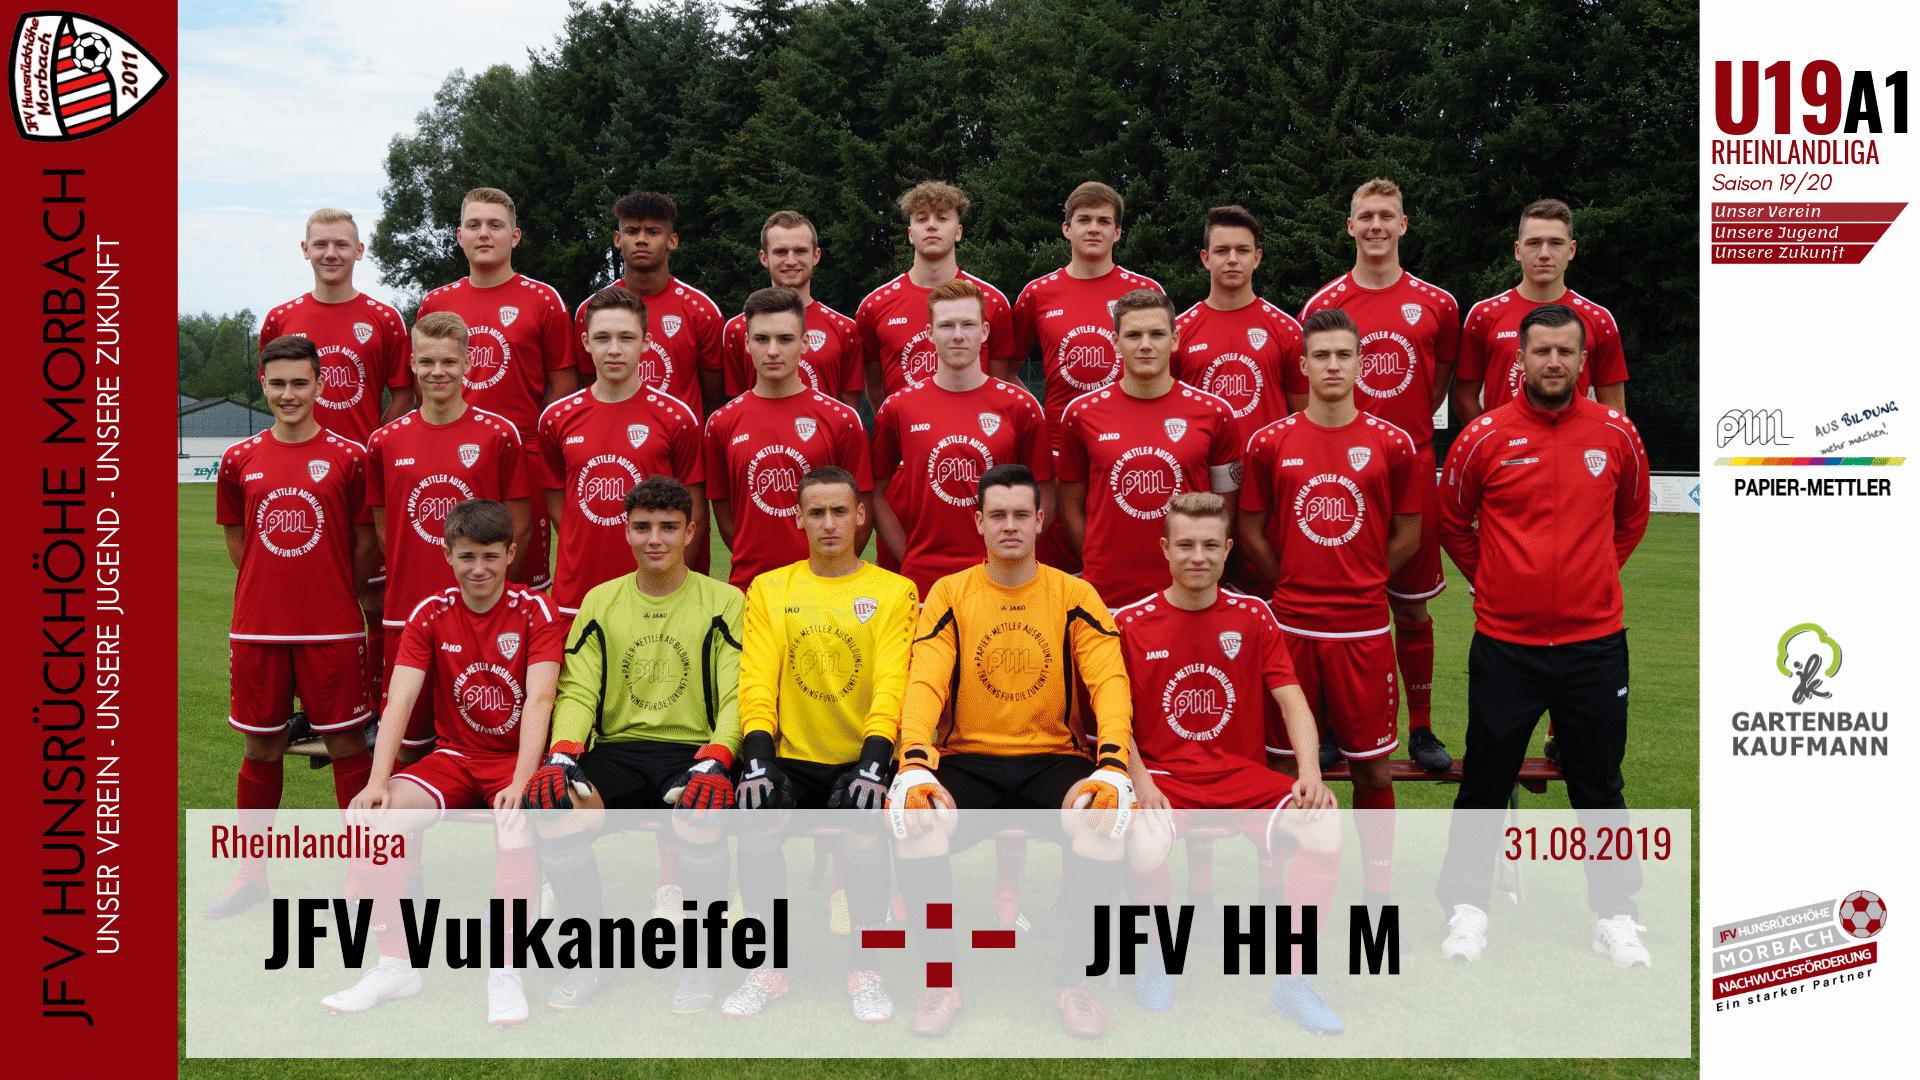 U19 A1: Vorbericht ~ JFV Vulkaneifel – JFV Hunsrückhöhe Morbach ~ So., 31.08.19 15:15 Uhr